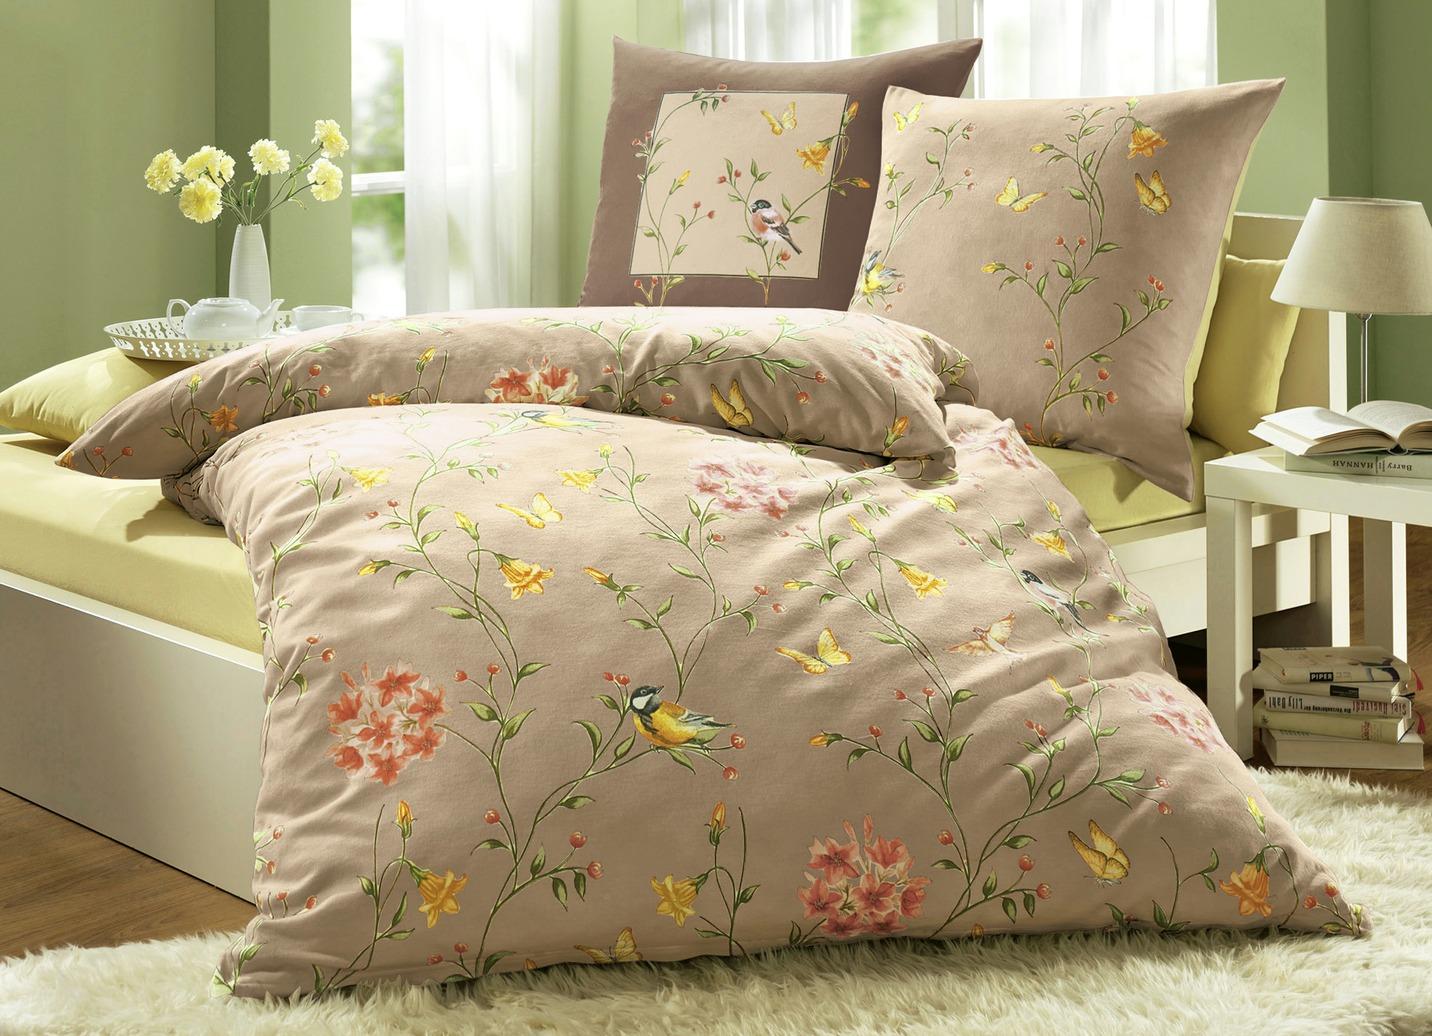 dobnig bettw sche garnitur verschiedene qualit ten bettw sche bader. Black Bedroom Furniture Sets. Home Design Ideas